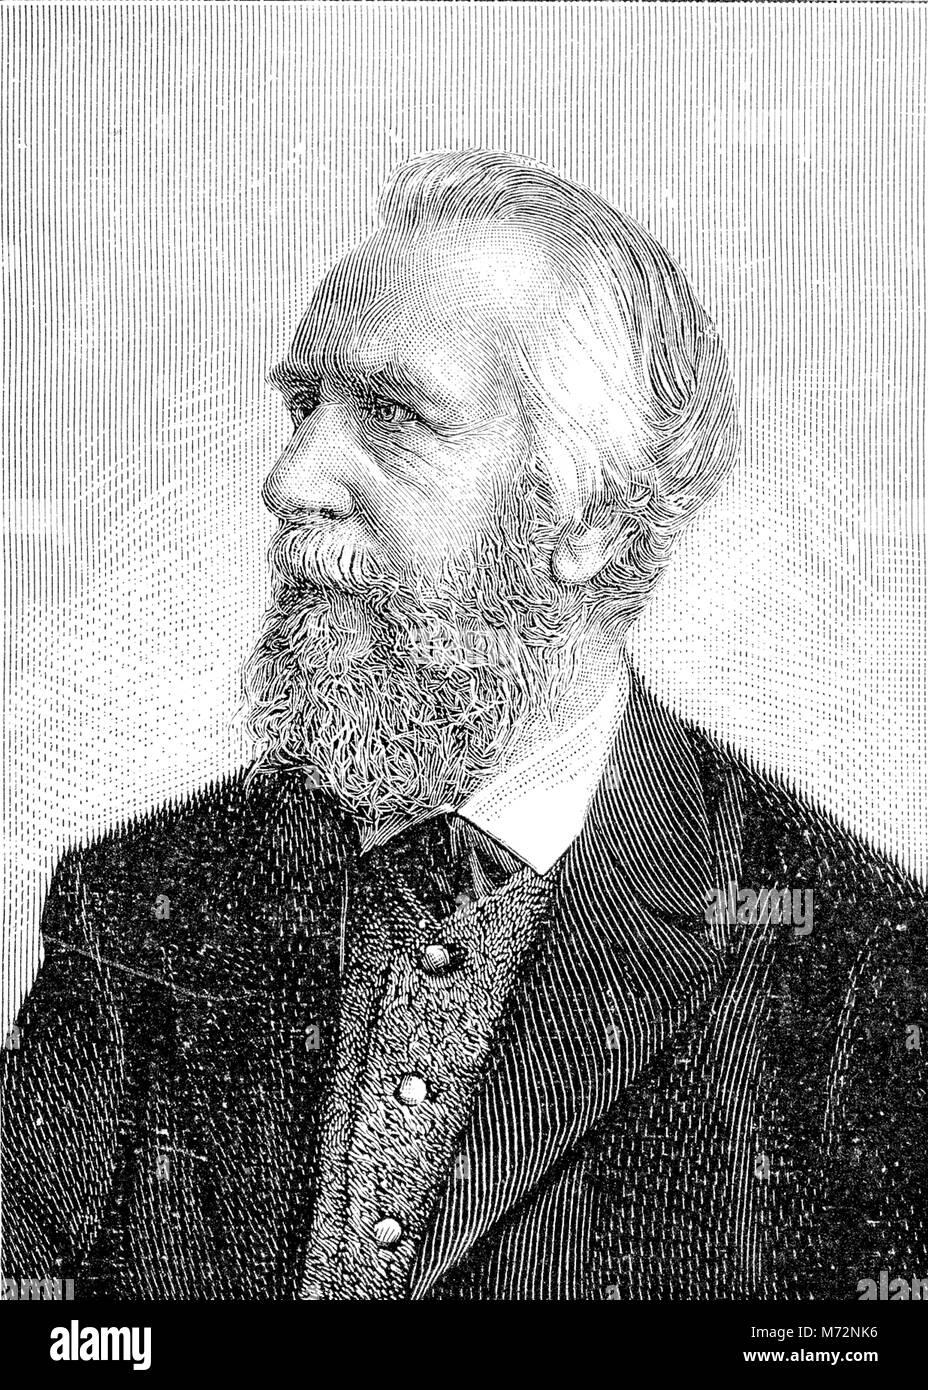 Vintage ritratto inciso di Ernst Haeckel, naturalista tedesco e artista, famoso per le sue illustrazioni multicolore Immagini Stock